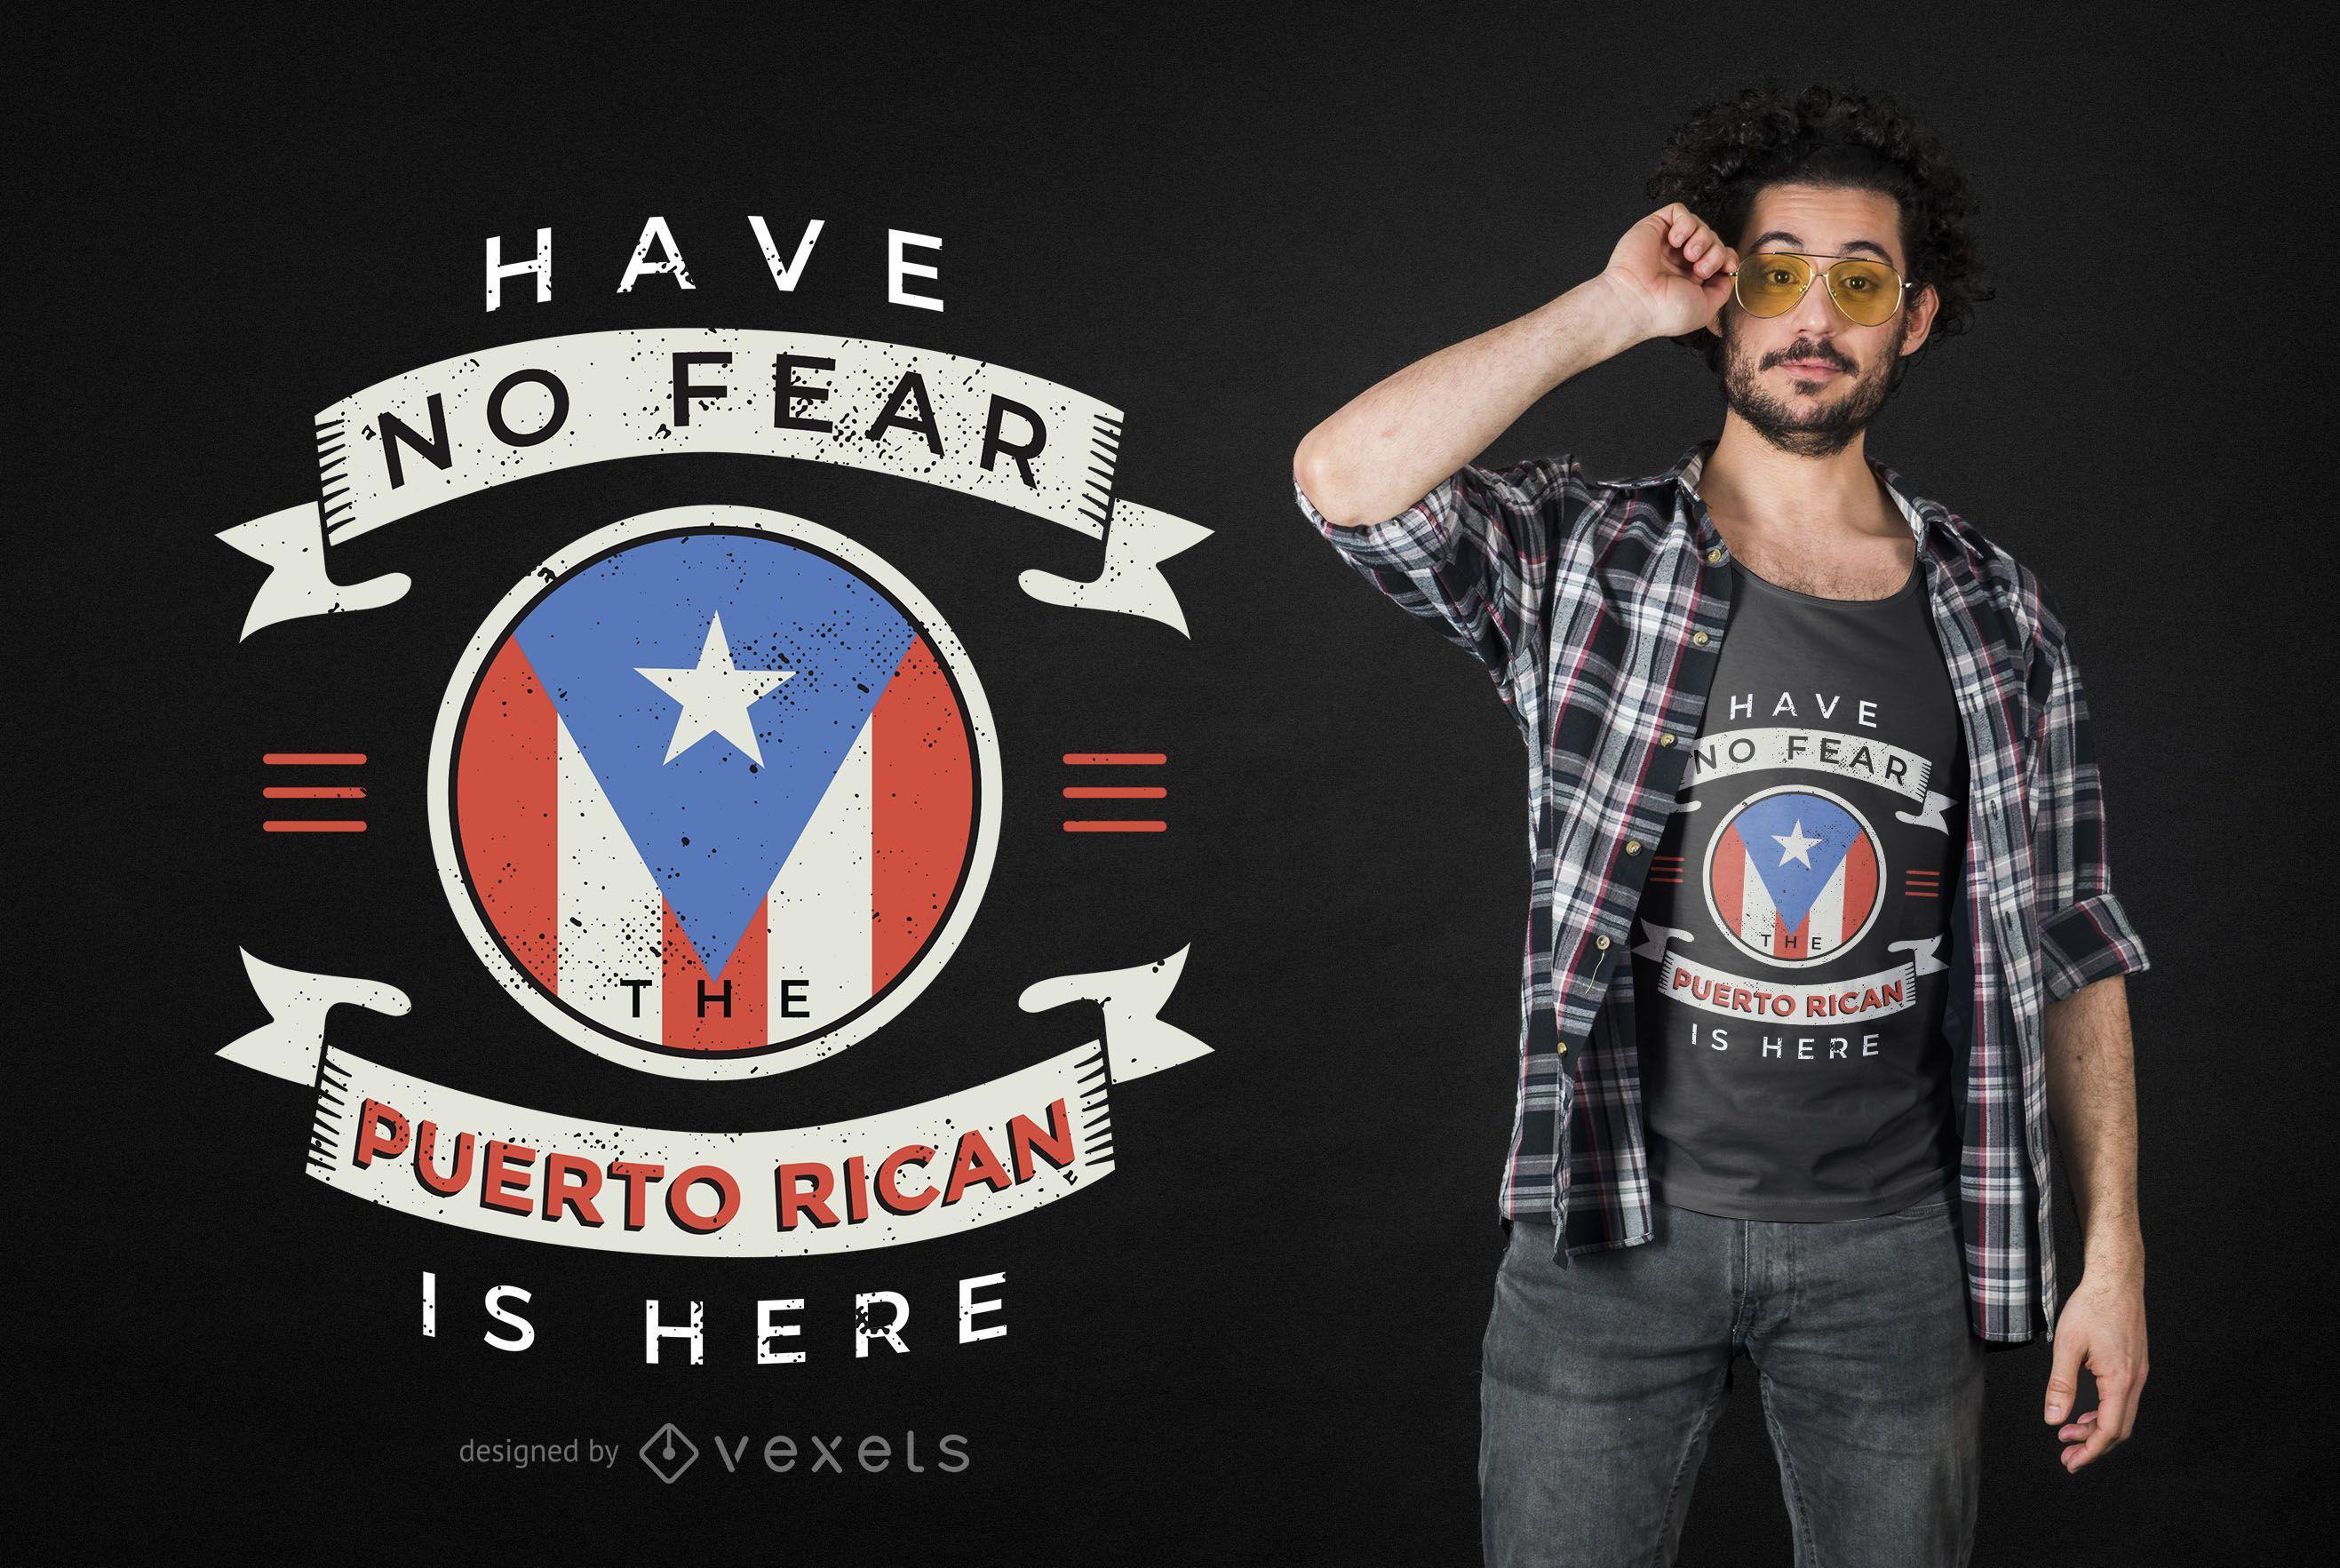 Dise?o de camiseta con cita puertorrique?a